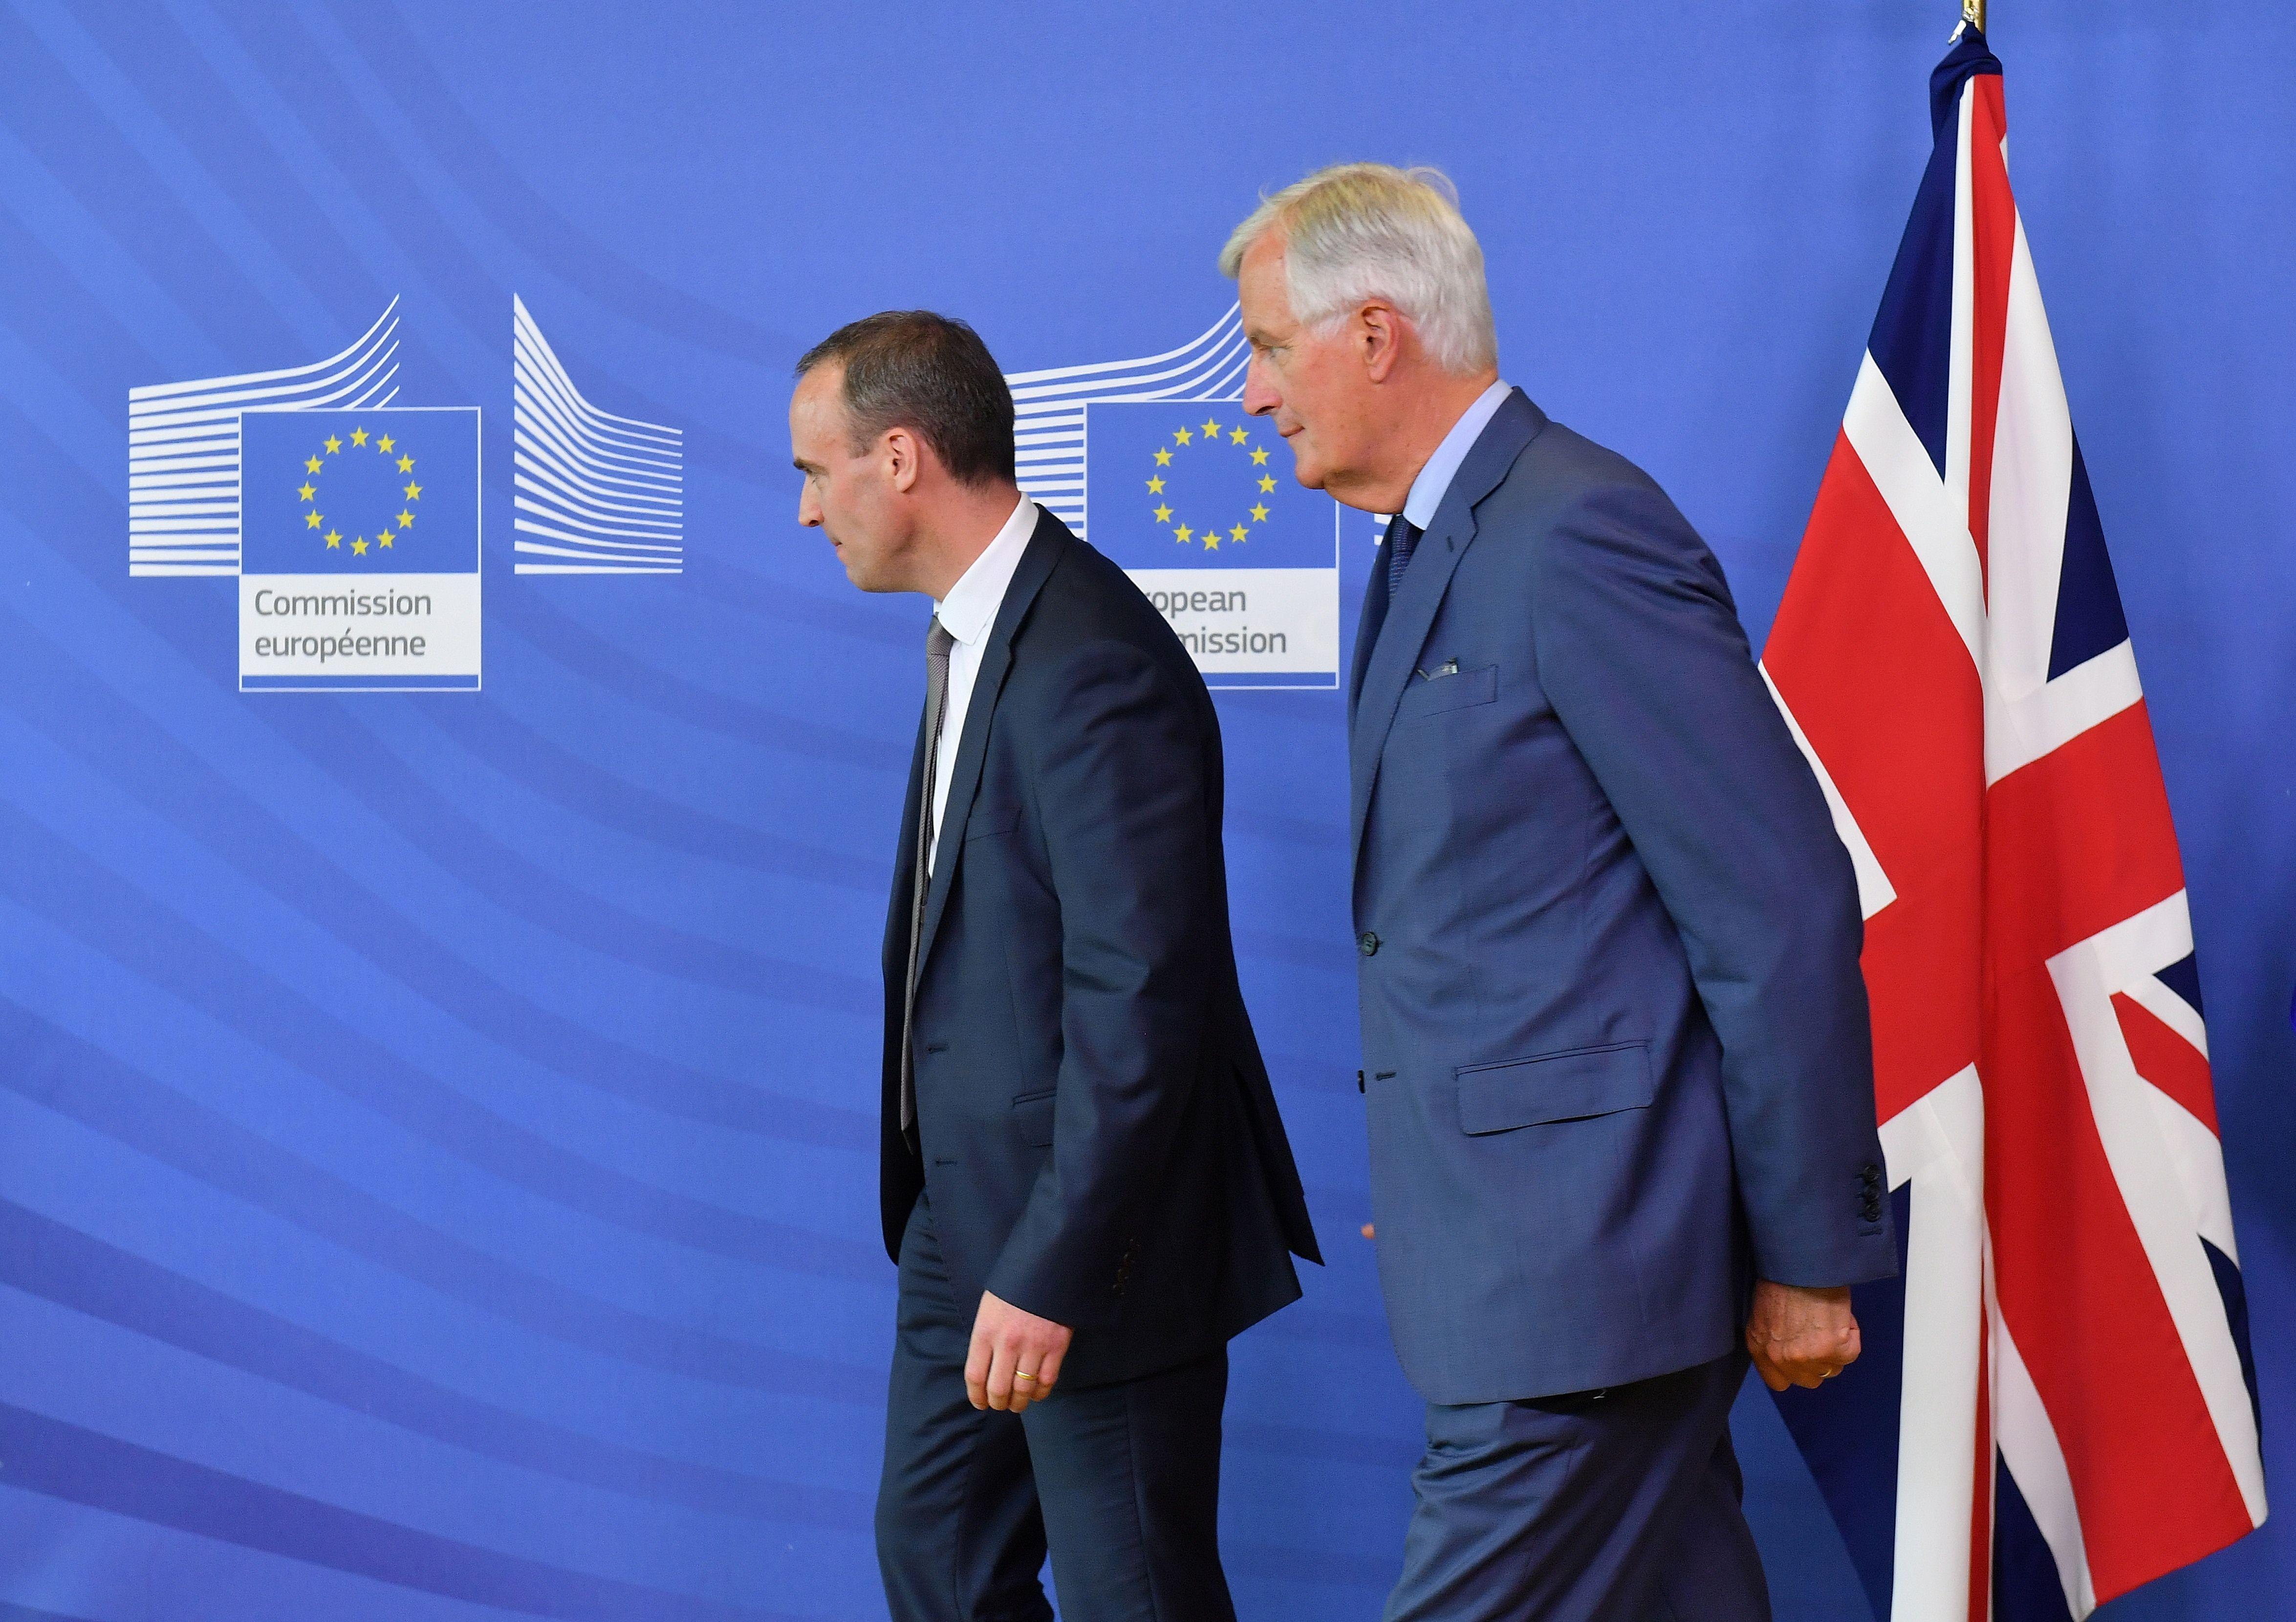 Michel Barnier meets Dominic Raab